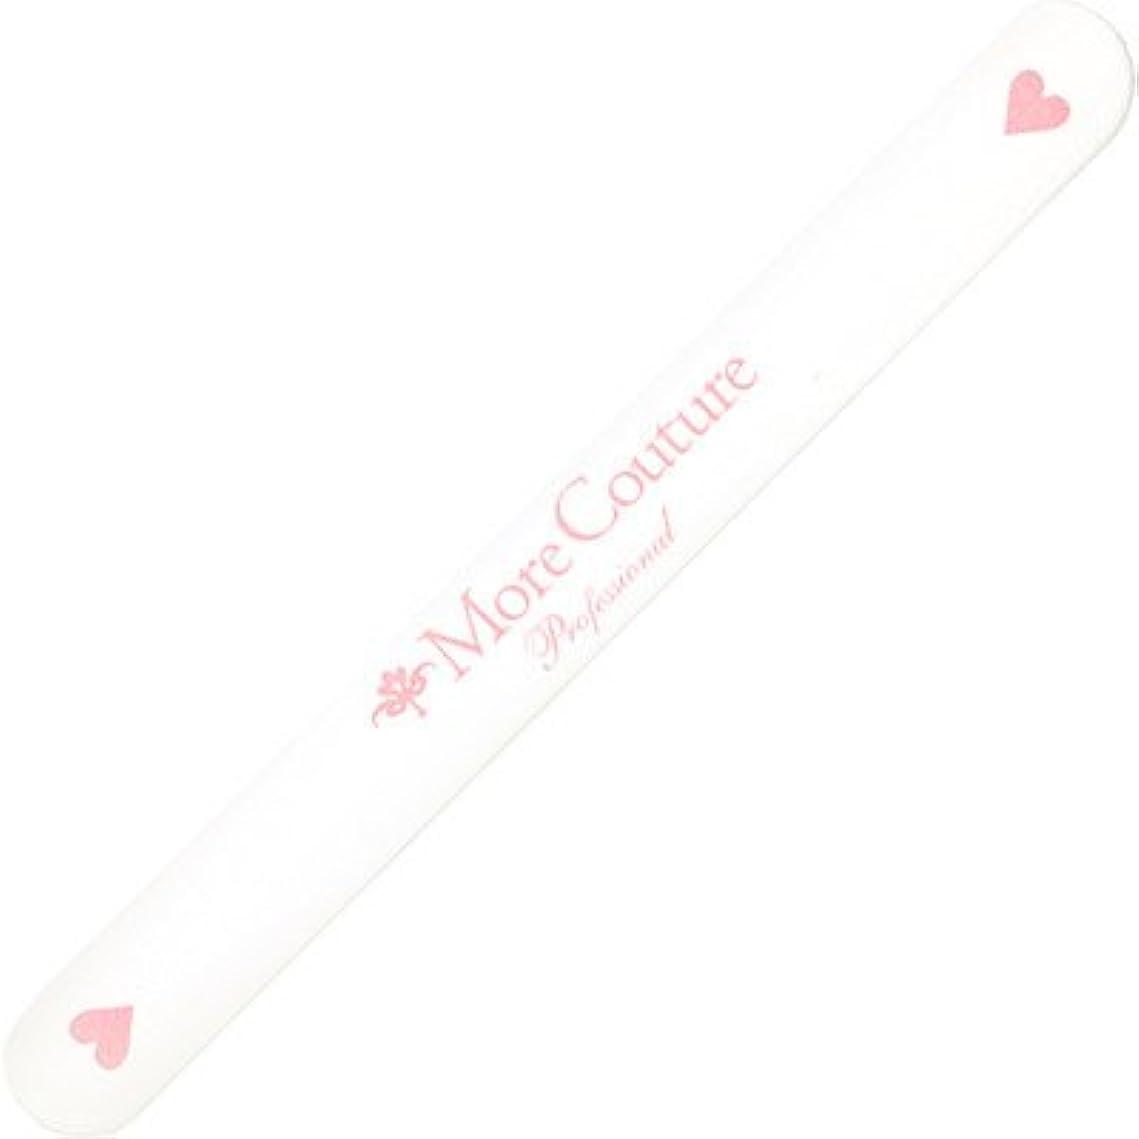 邪魔するマート出発するMore Couture(モアクチュール)エメリーボード ハート#120/240